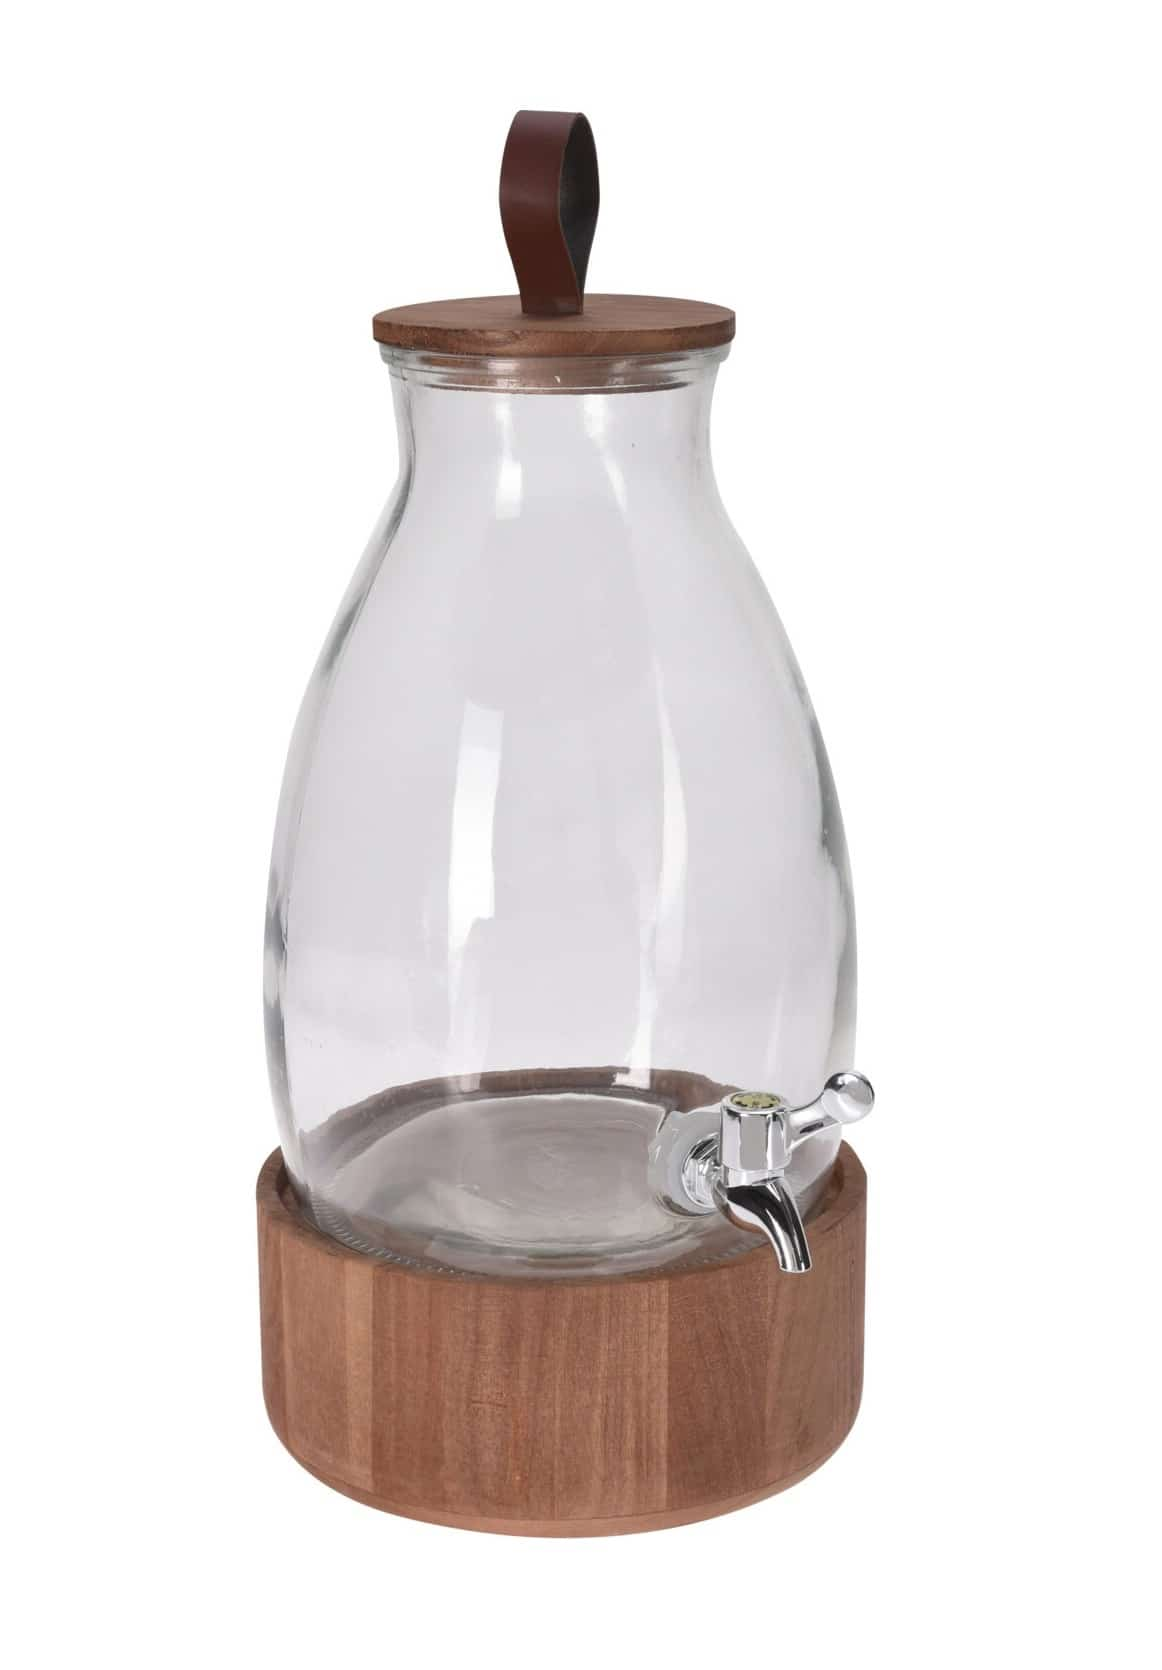 4goodz Glazen Sapkan Deluxe met Tapkraan - Acaciahouten voet - 5,5 ltr